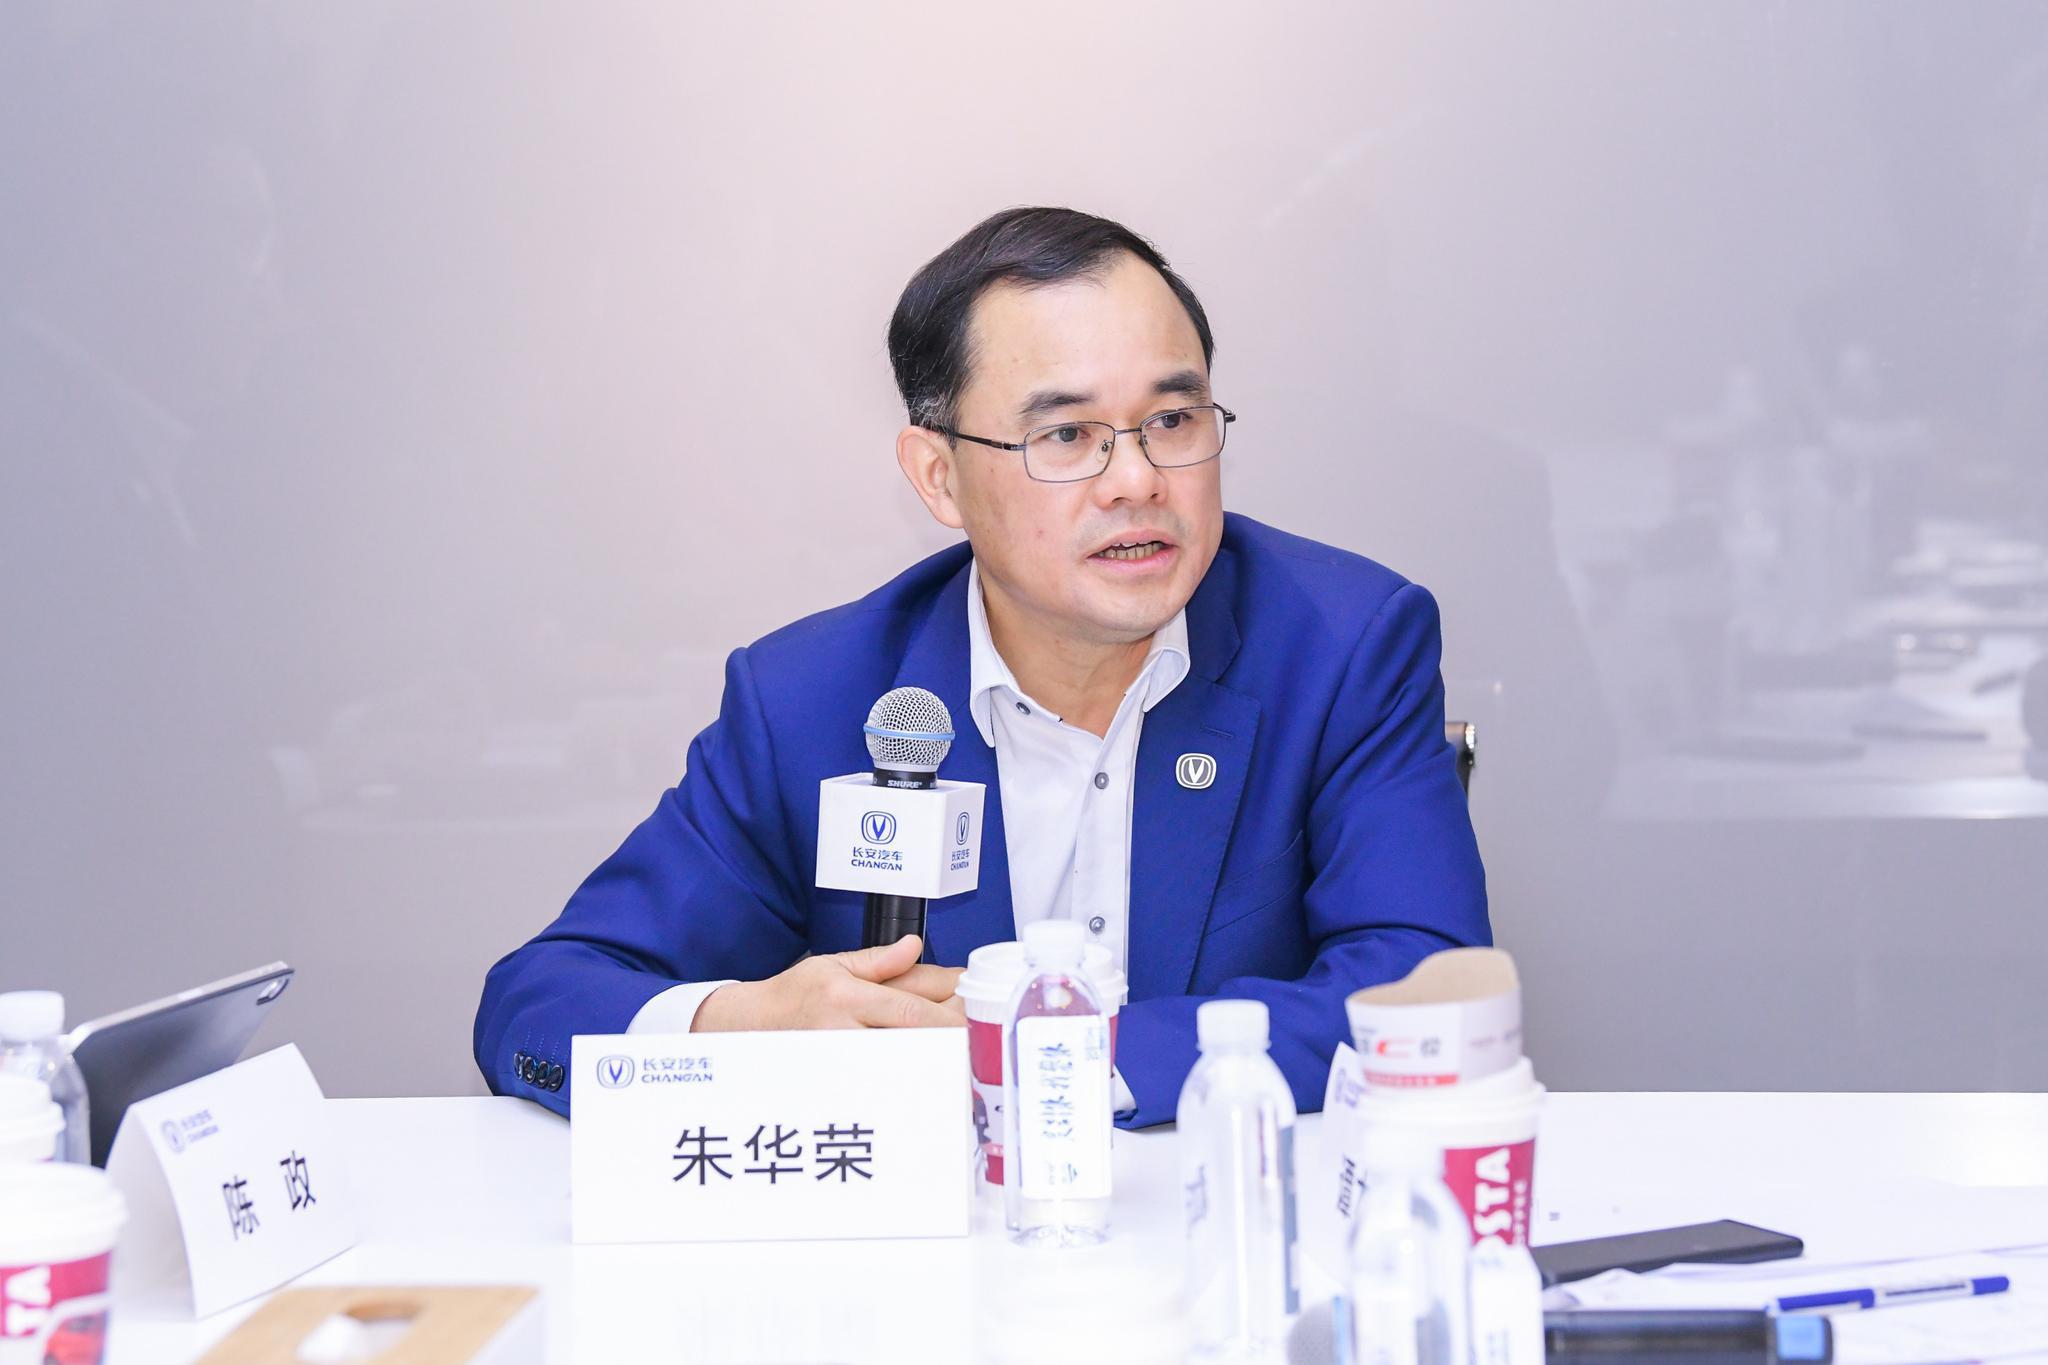 长安汽车将换帅 朱华荣或接任董事长一职